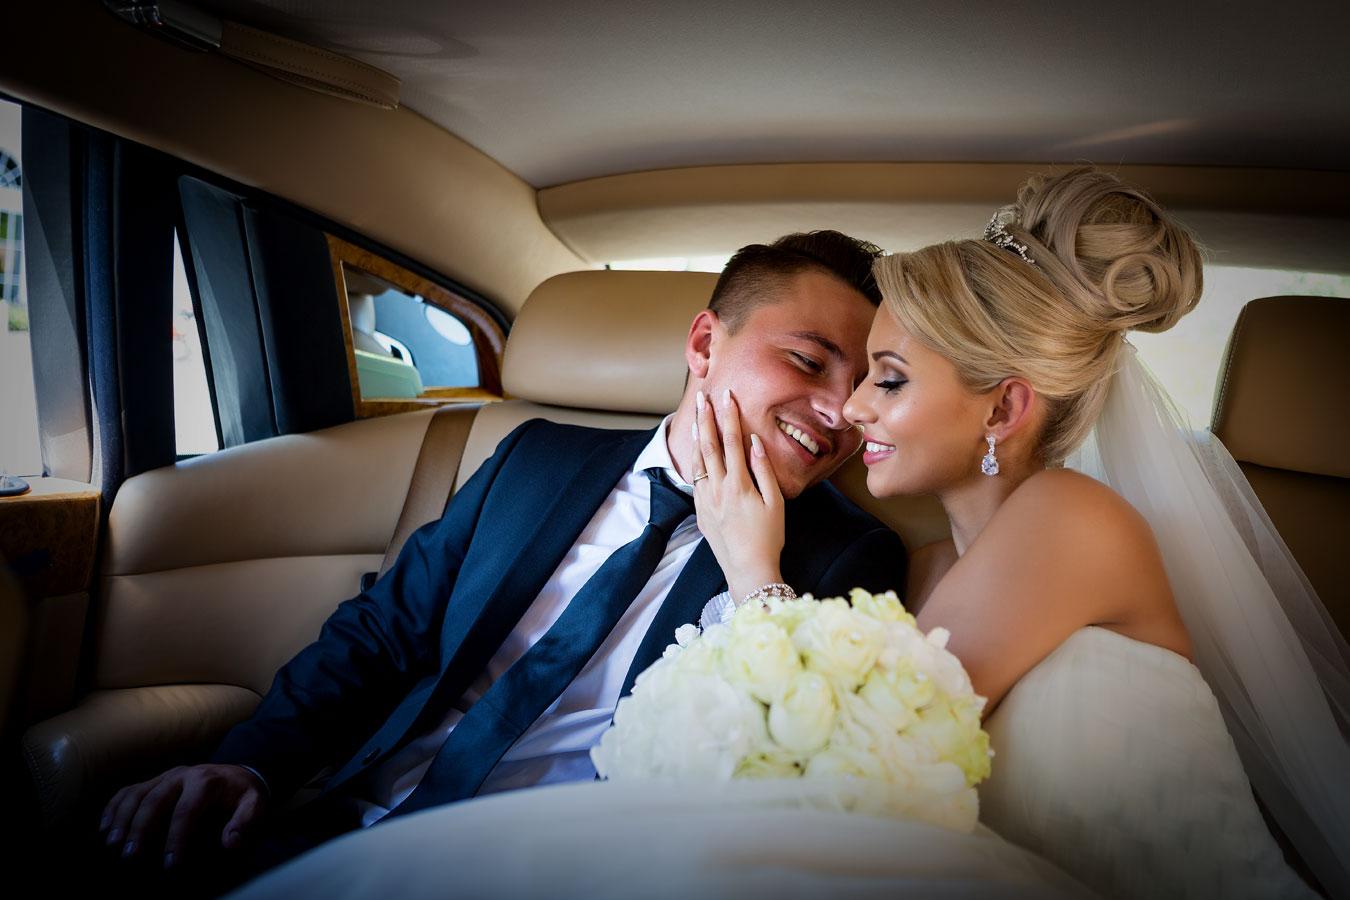 Hochzeitsfotograf Hochzeitsvideo, europe weddingphotographer, Hochzeitsfotograf Darmstadt, Hochzeitsfotos